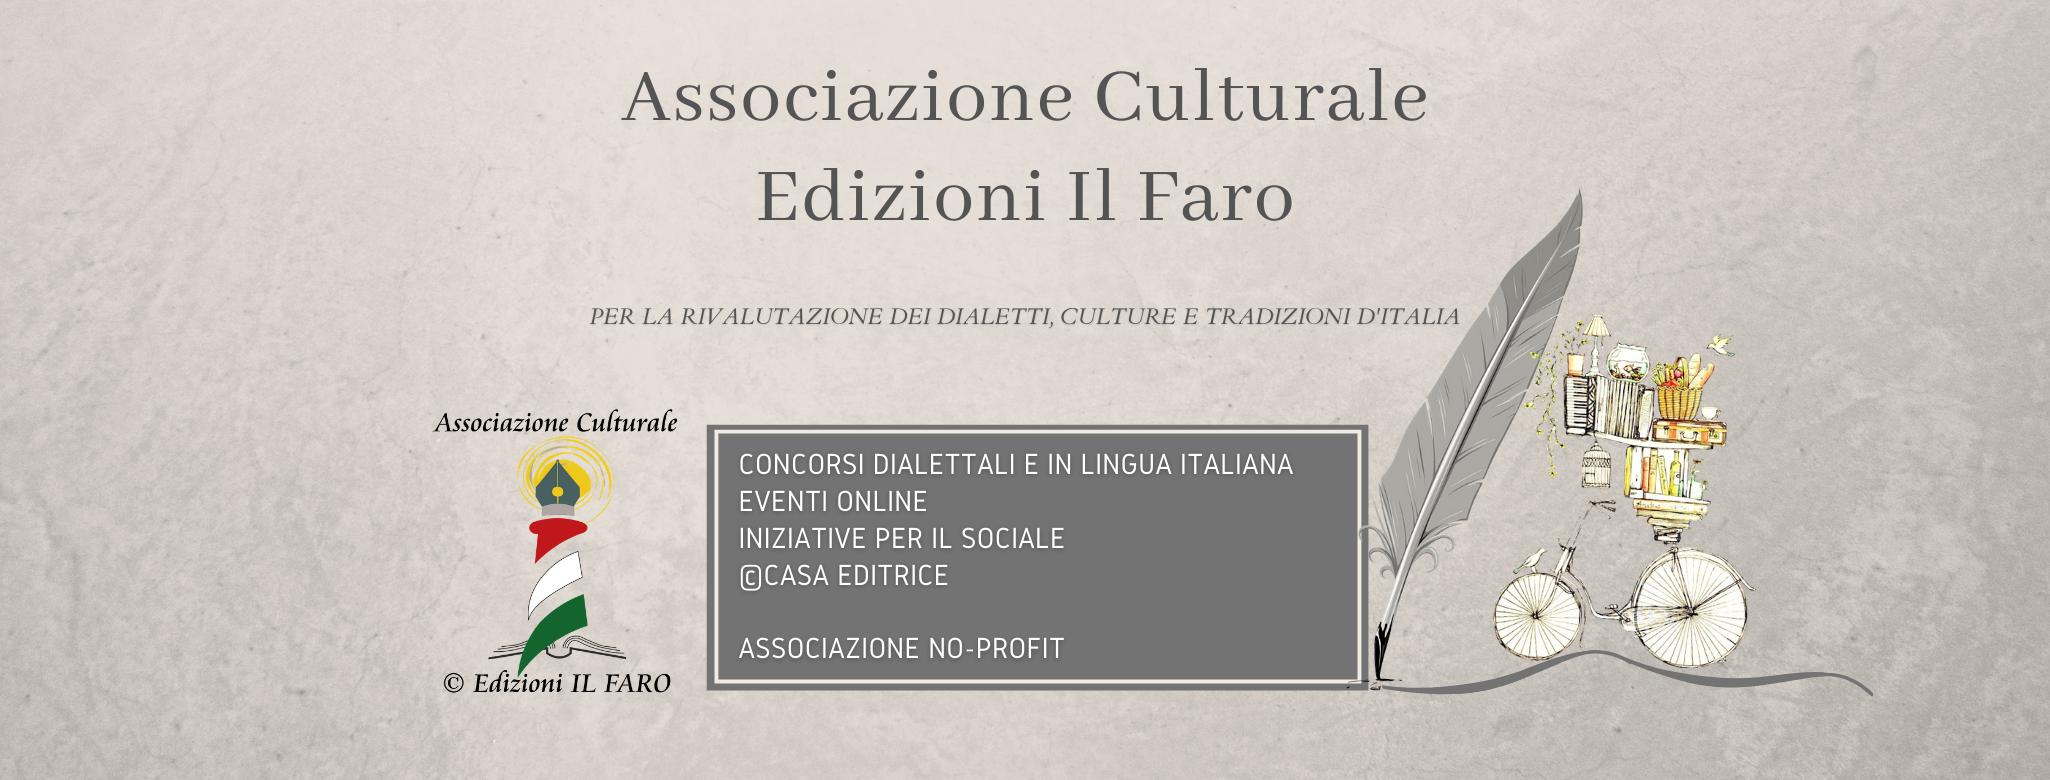 Associazione culturale edizioni il faro